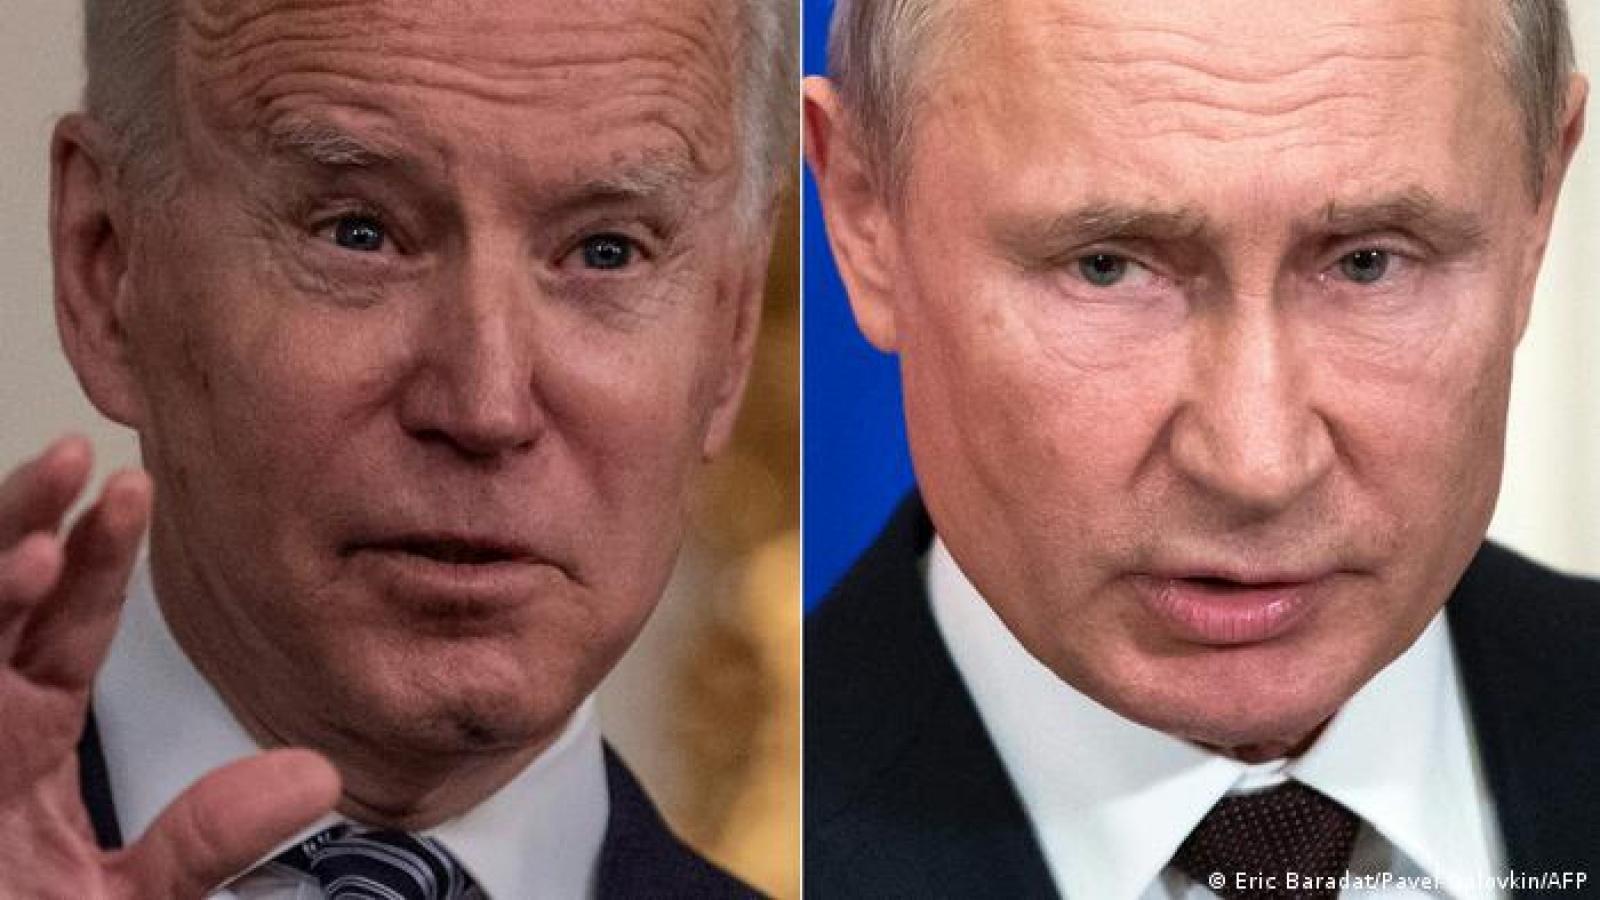 Mỹ tuyên bố bảo vệ lợi ích đất nước, sẵn sàng đối đầu với Nga